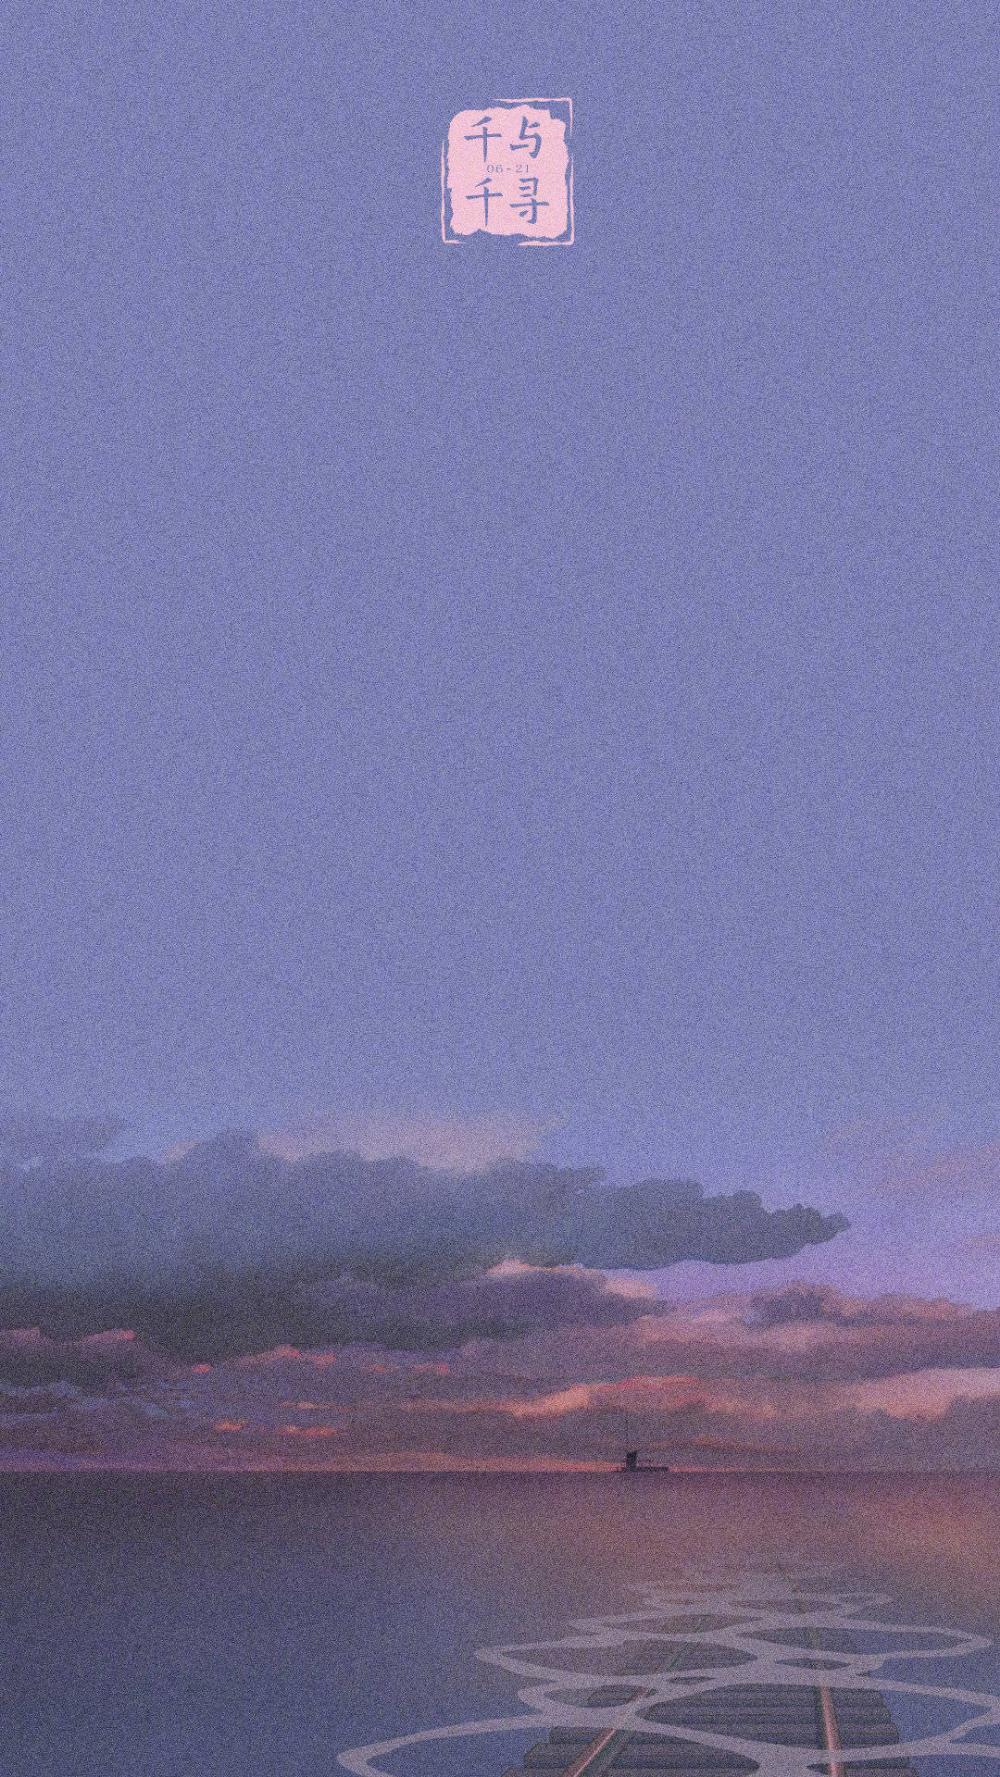 Wallpaper Spirited Away ōƒã¨åƒå°‹ã®ç¥žéšã— Studio Ghibli Spirited Away Spirited Away Wallpaper Ghibli Artwork